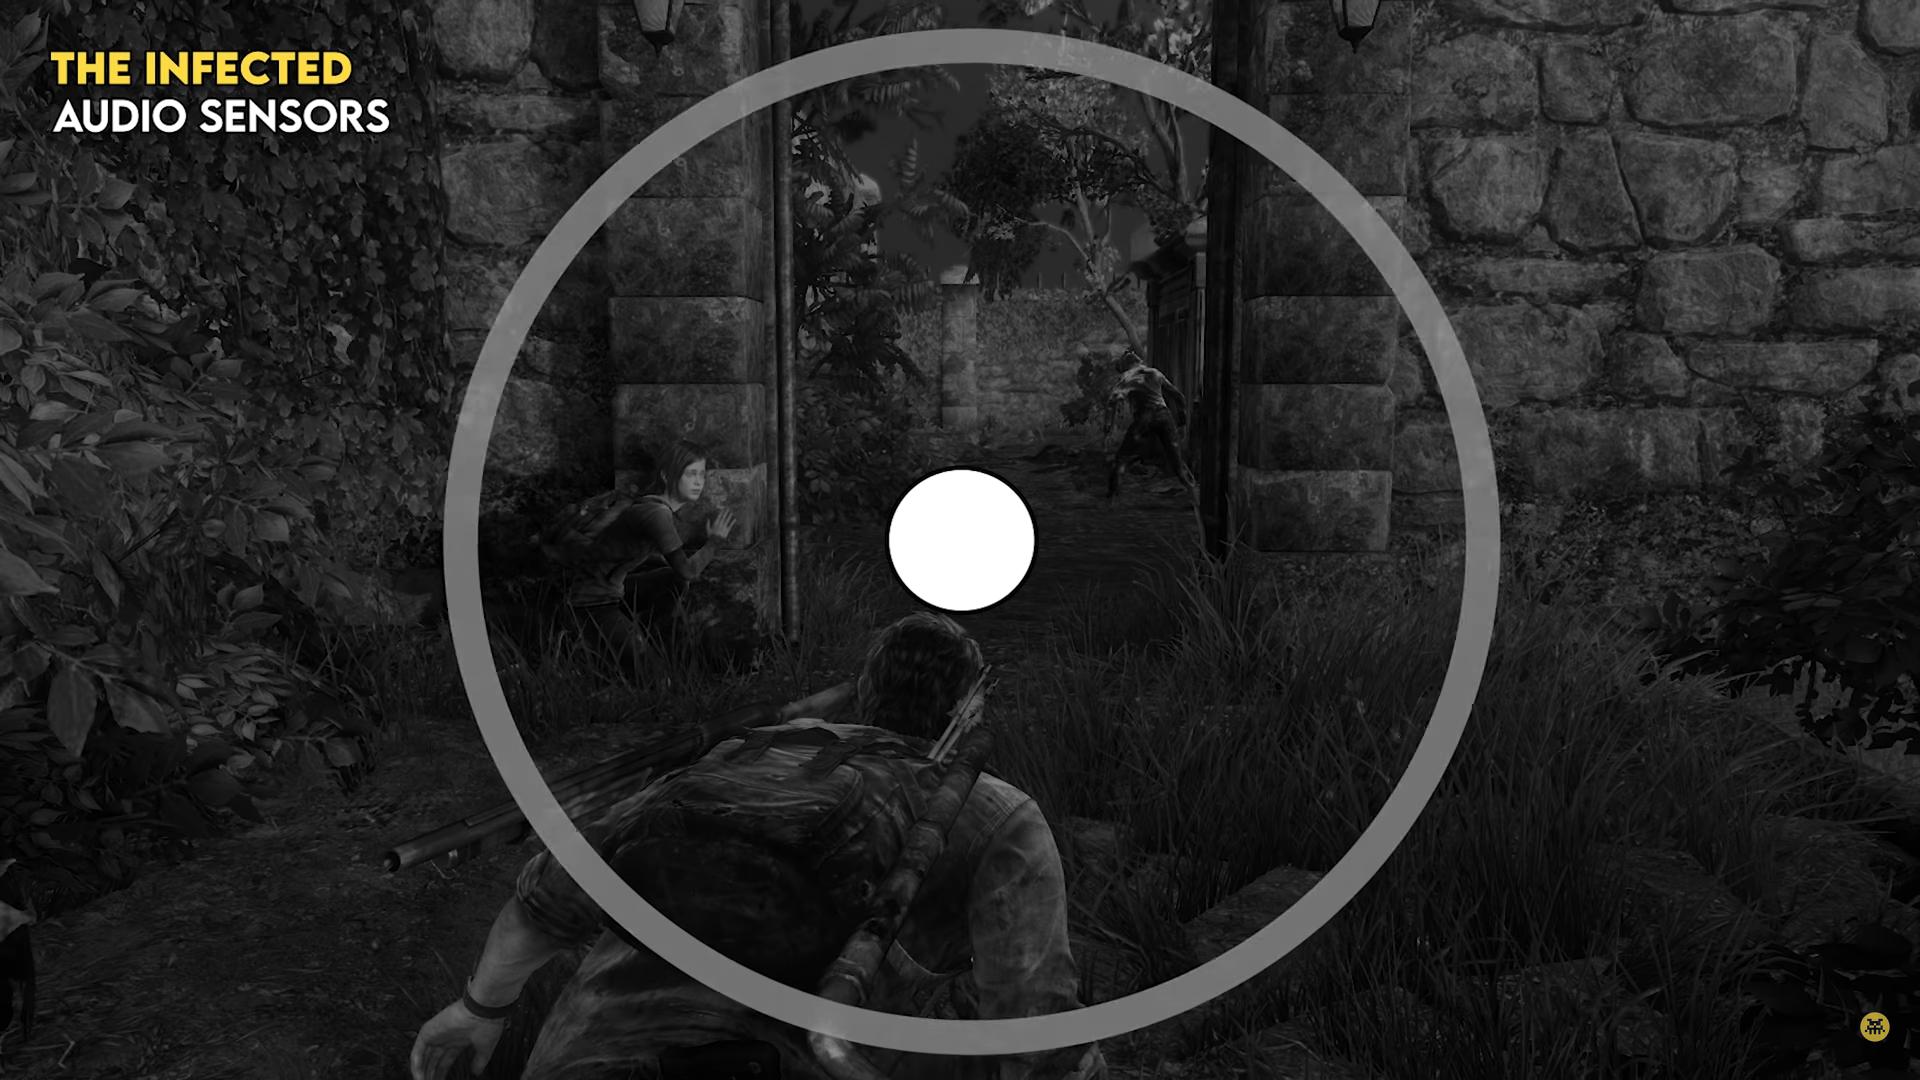 Охотники, щелкуны и Элли: как устроен игровой искусственный интеллект в The Last of Us - 11